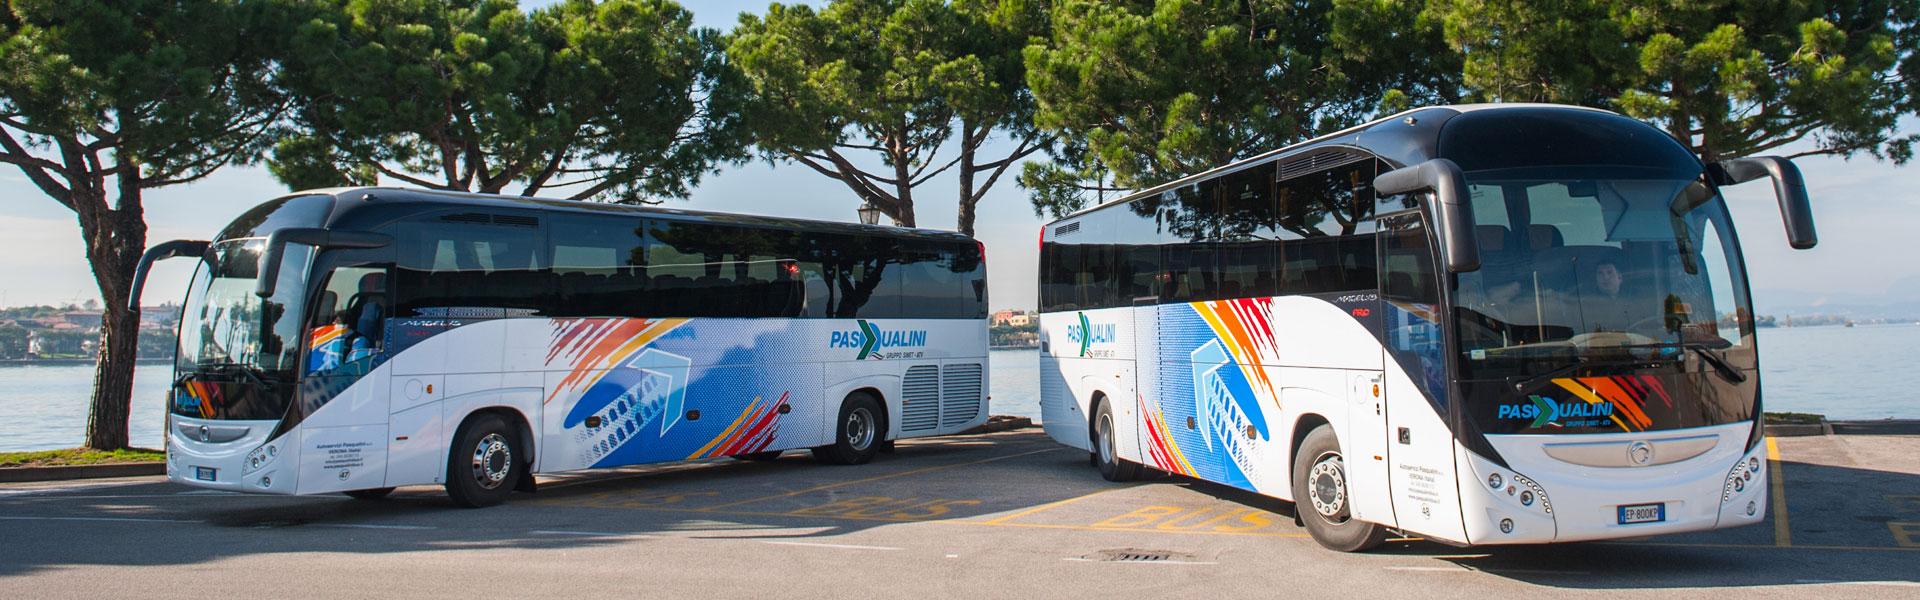 prenota header - pasqualini bus verona